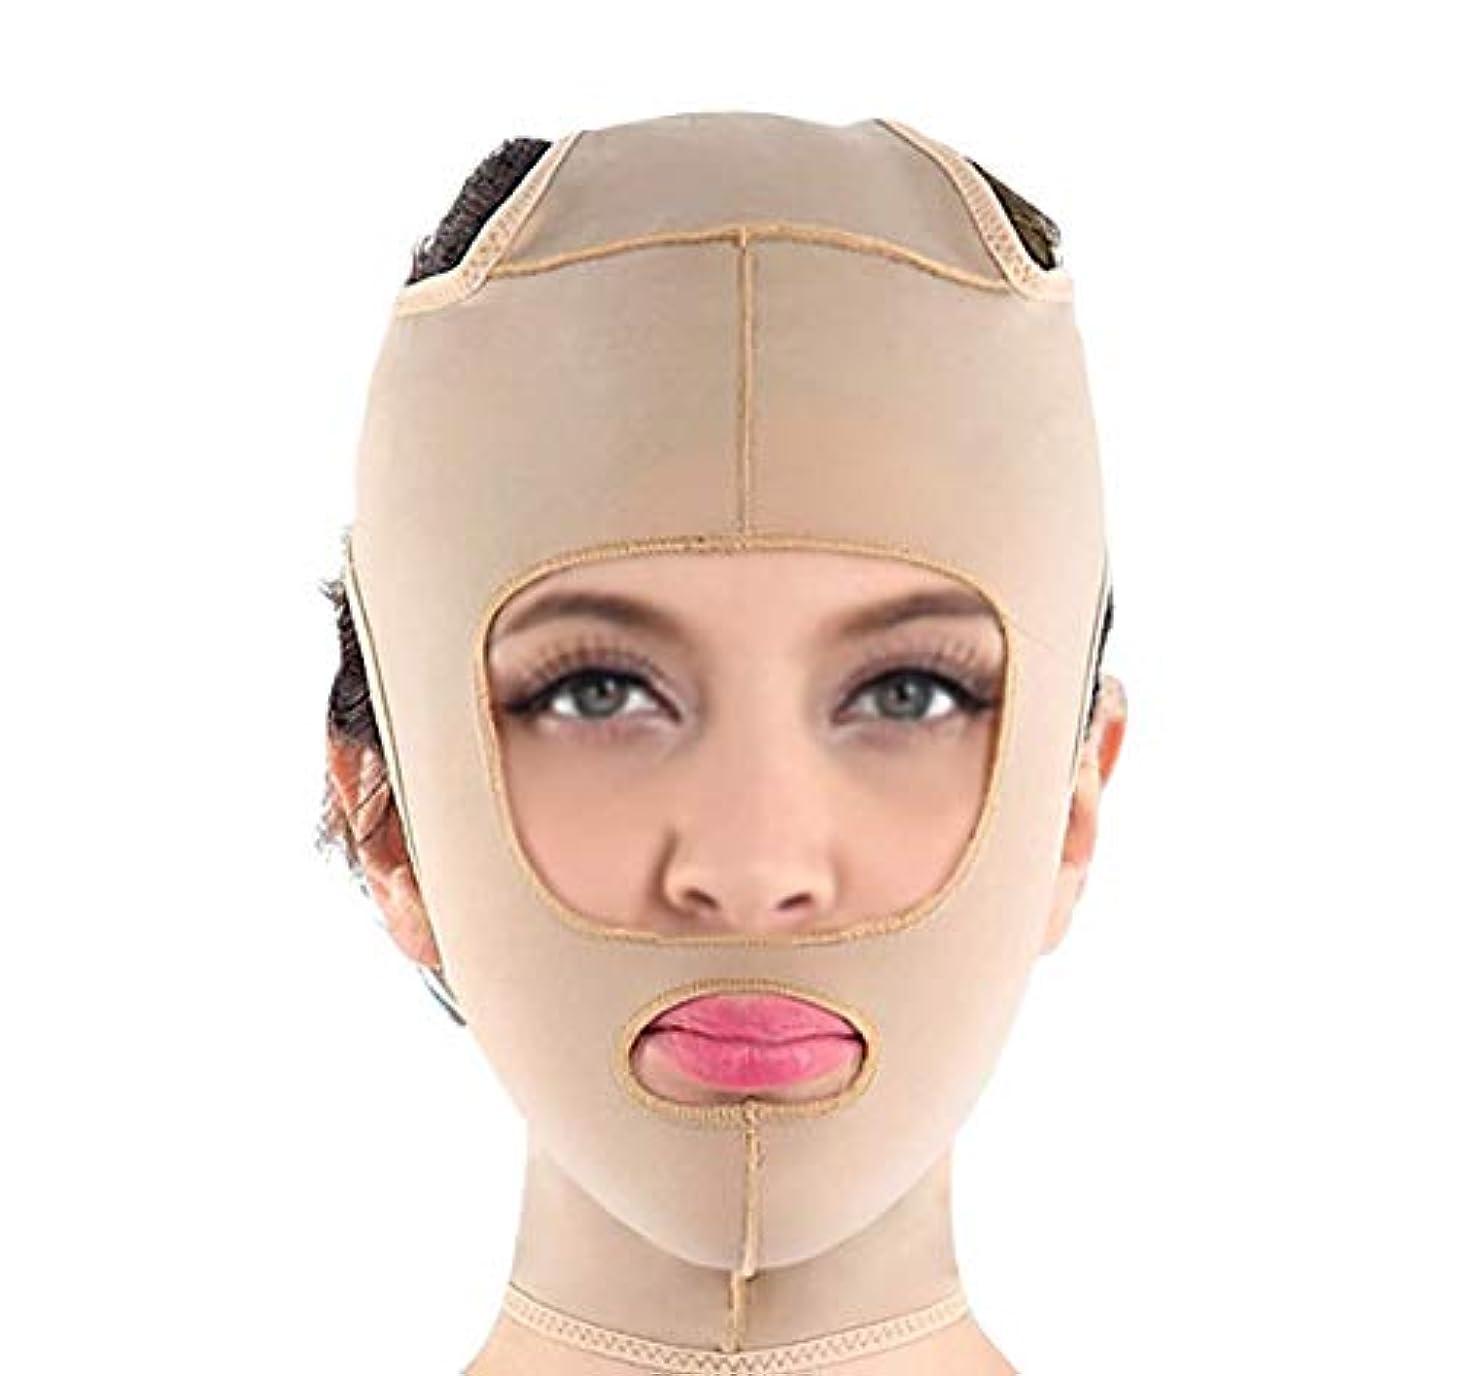 意味するプログラム贅沢フェイスリフティングマスクで肌をしっかりと保ち、顔の筋肉の垂れ下がりや顔の美しい輪郭の整形を防止します(サイズ:Xl),S